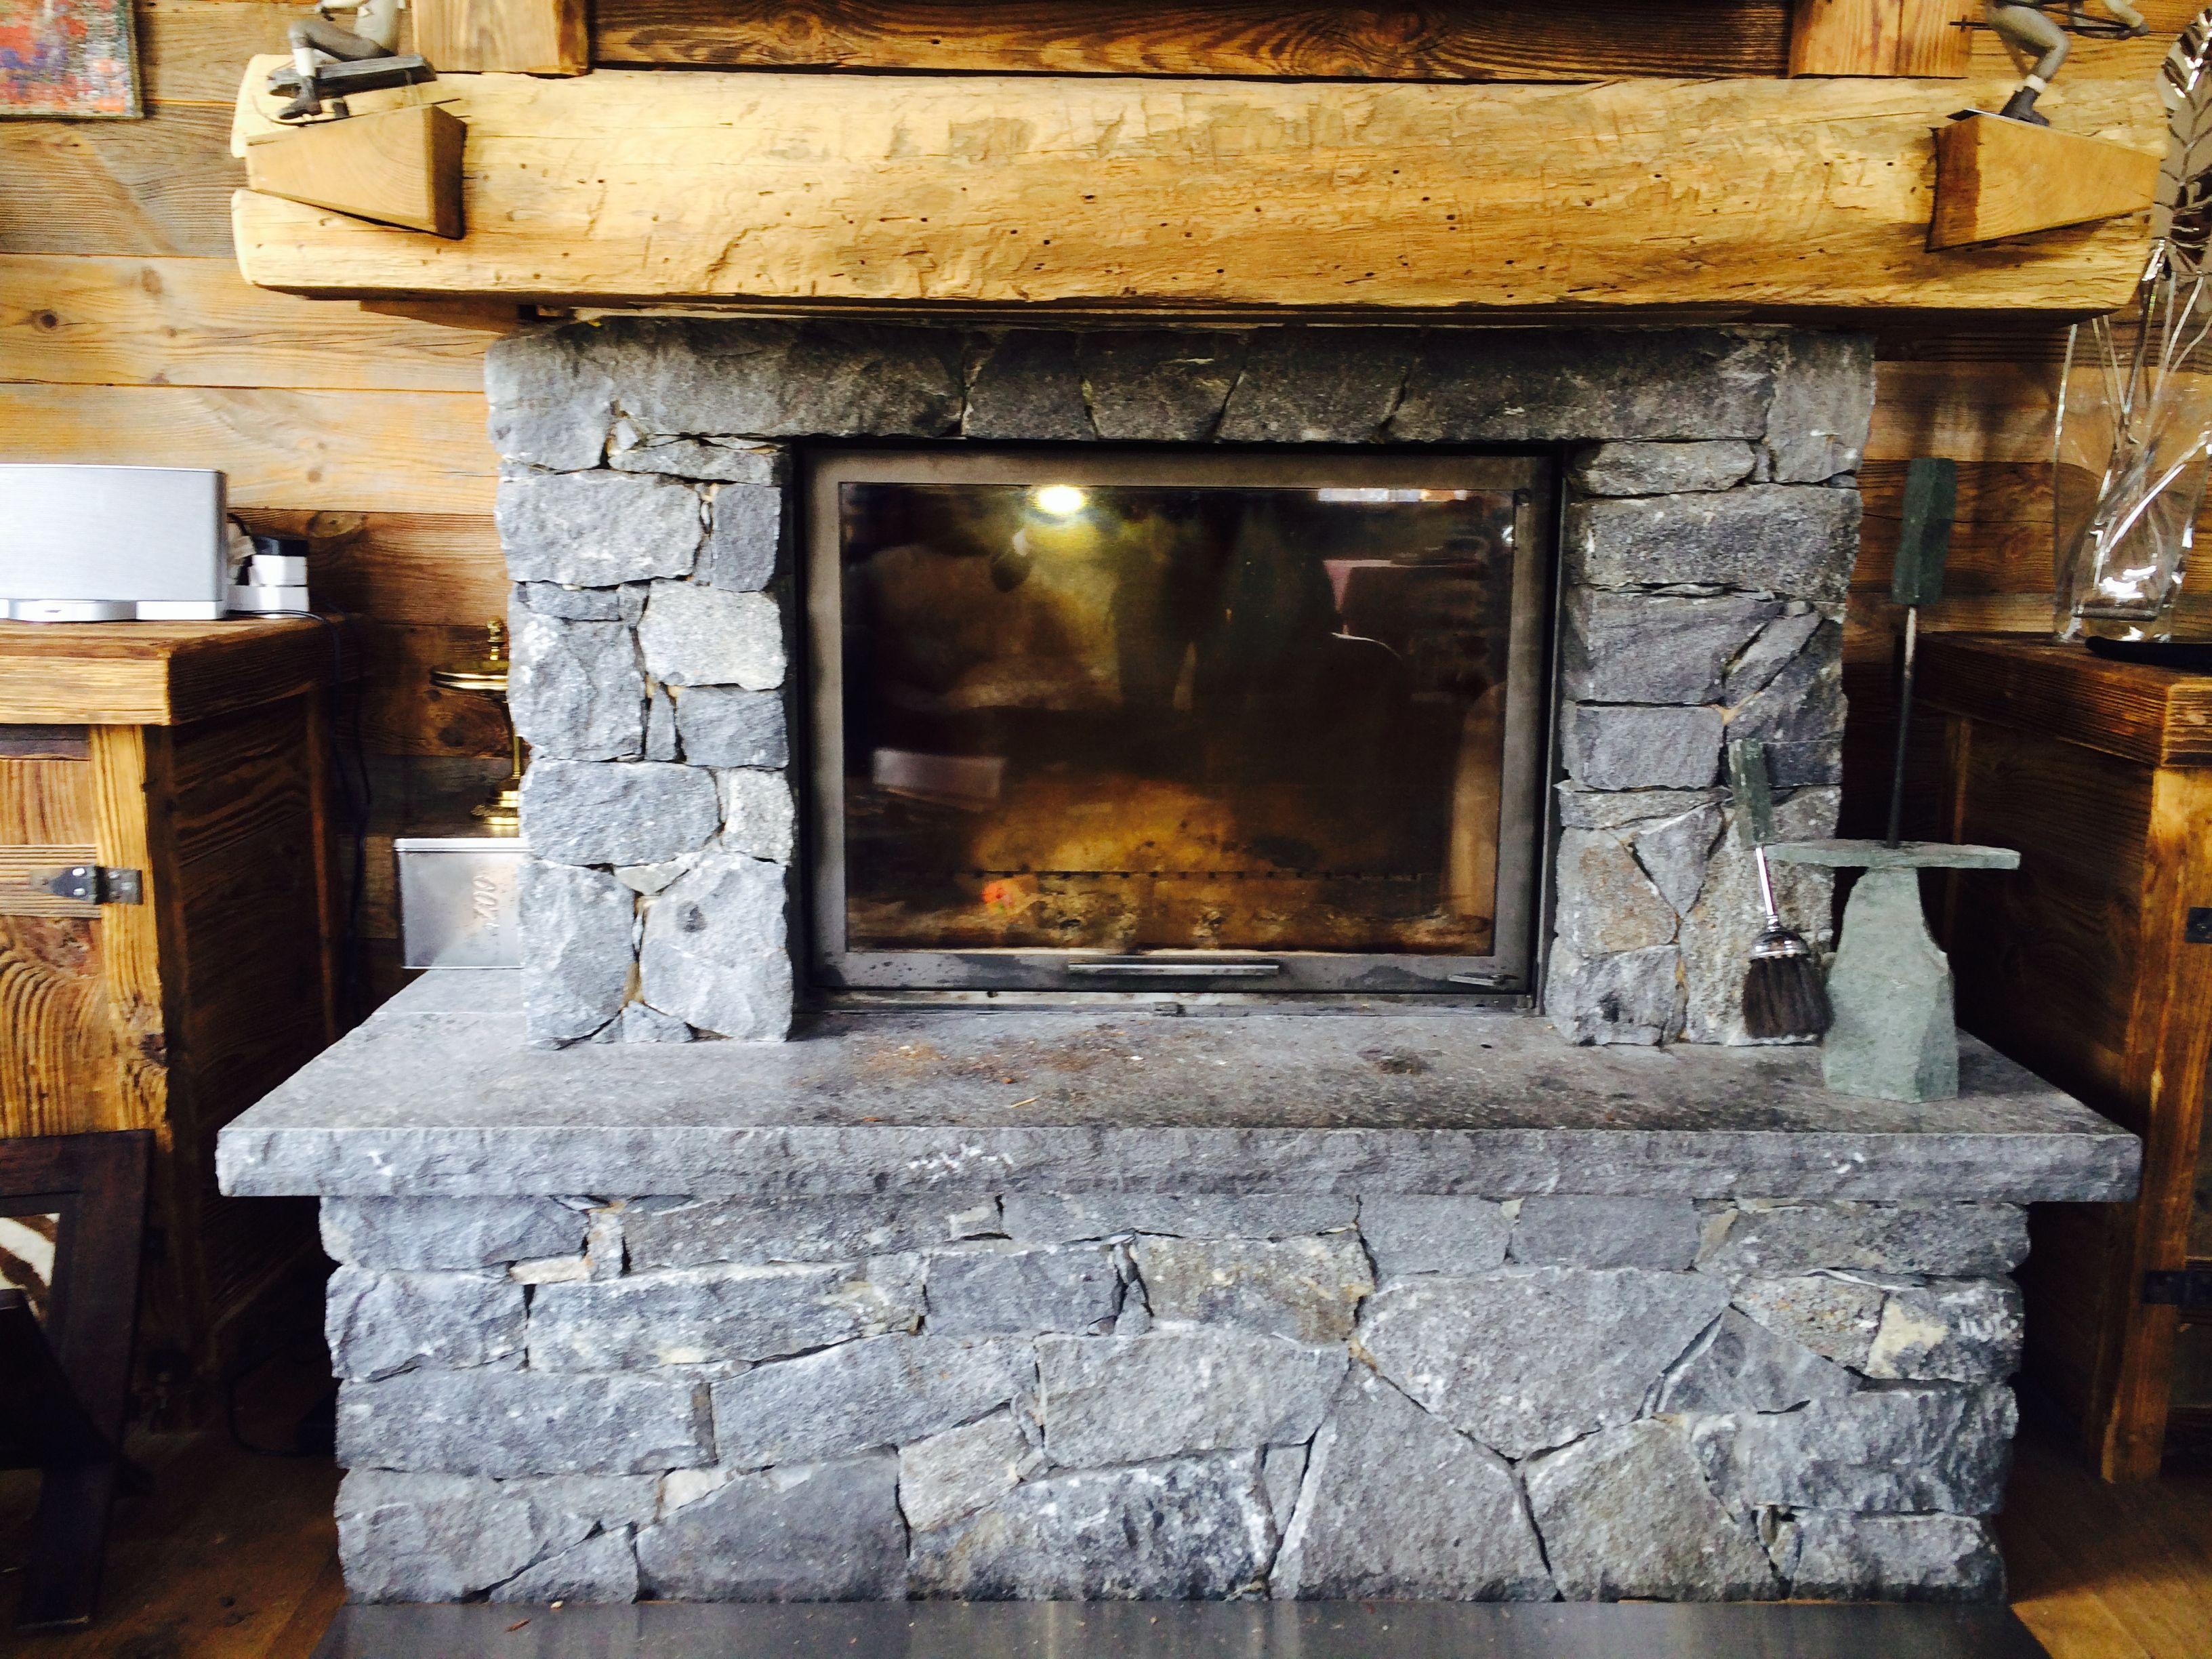 25 chimenea de piedra con dintel de madera y puerta de cristal que se puede subir o abrir - Chimeneas con cristal ...